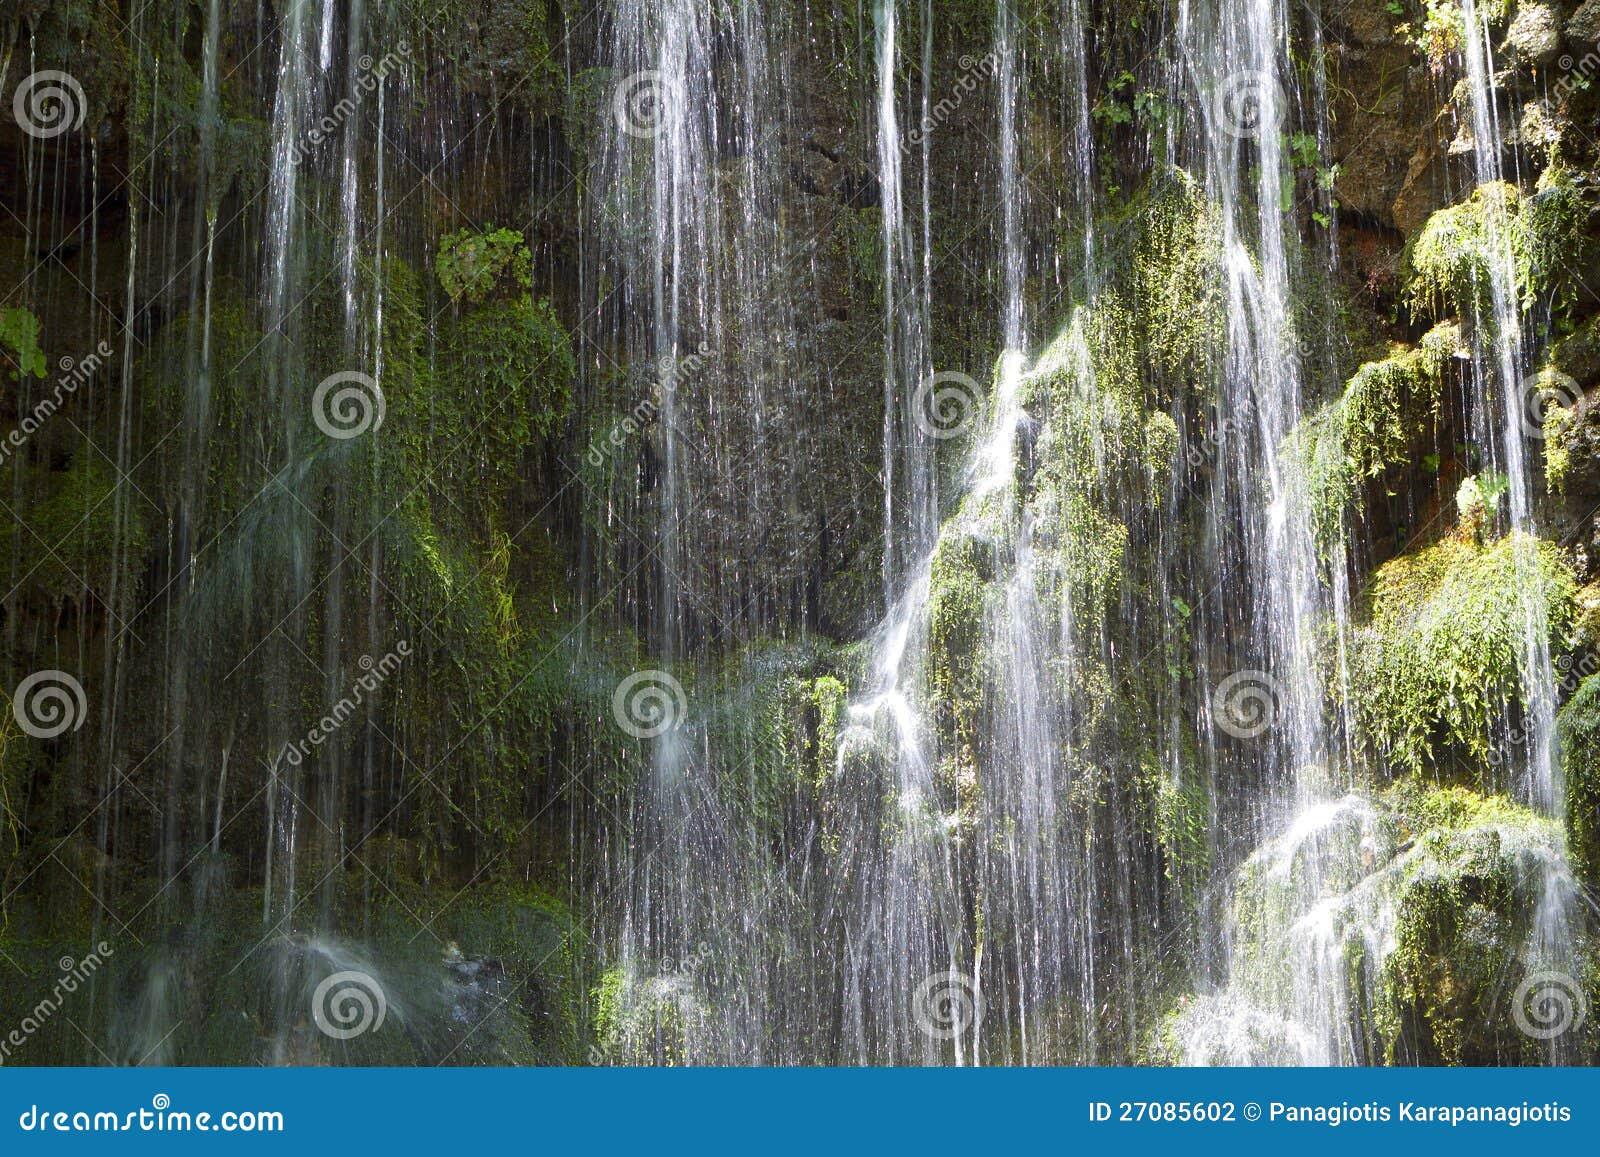 Cascades criture ligne par ligne d 39 argiroupoli le de - Photographie d art en ligne ...